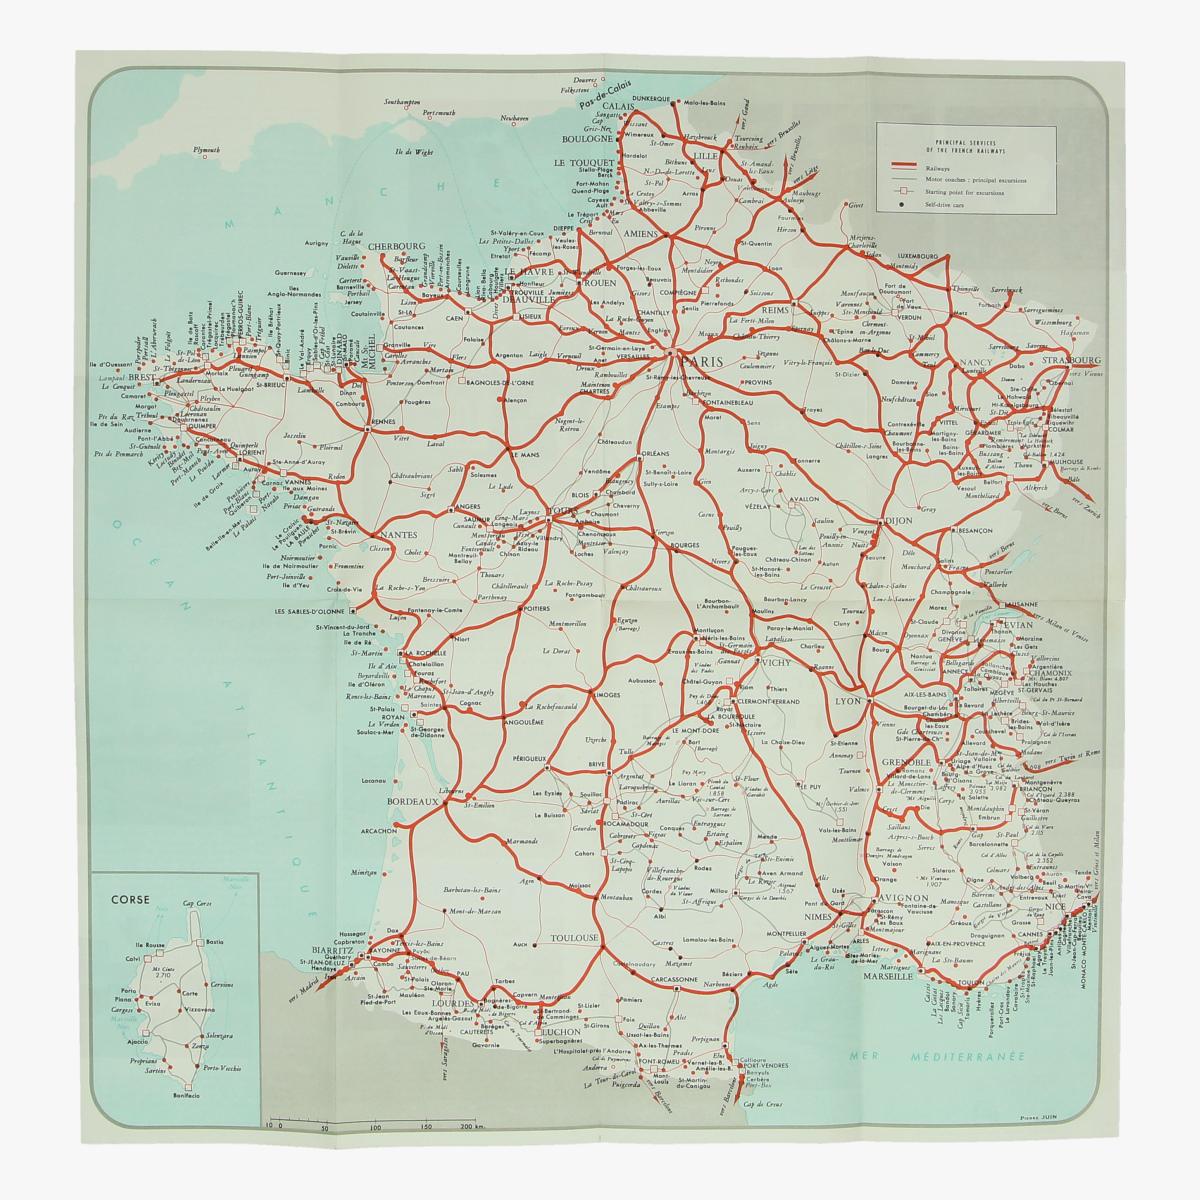 Afbeeldingen van expo 58  folder for your journey in france french railways 1958